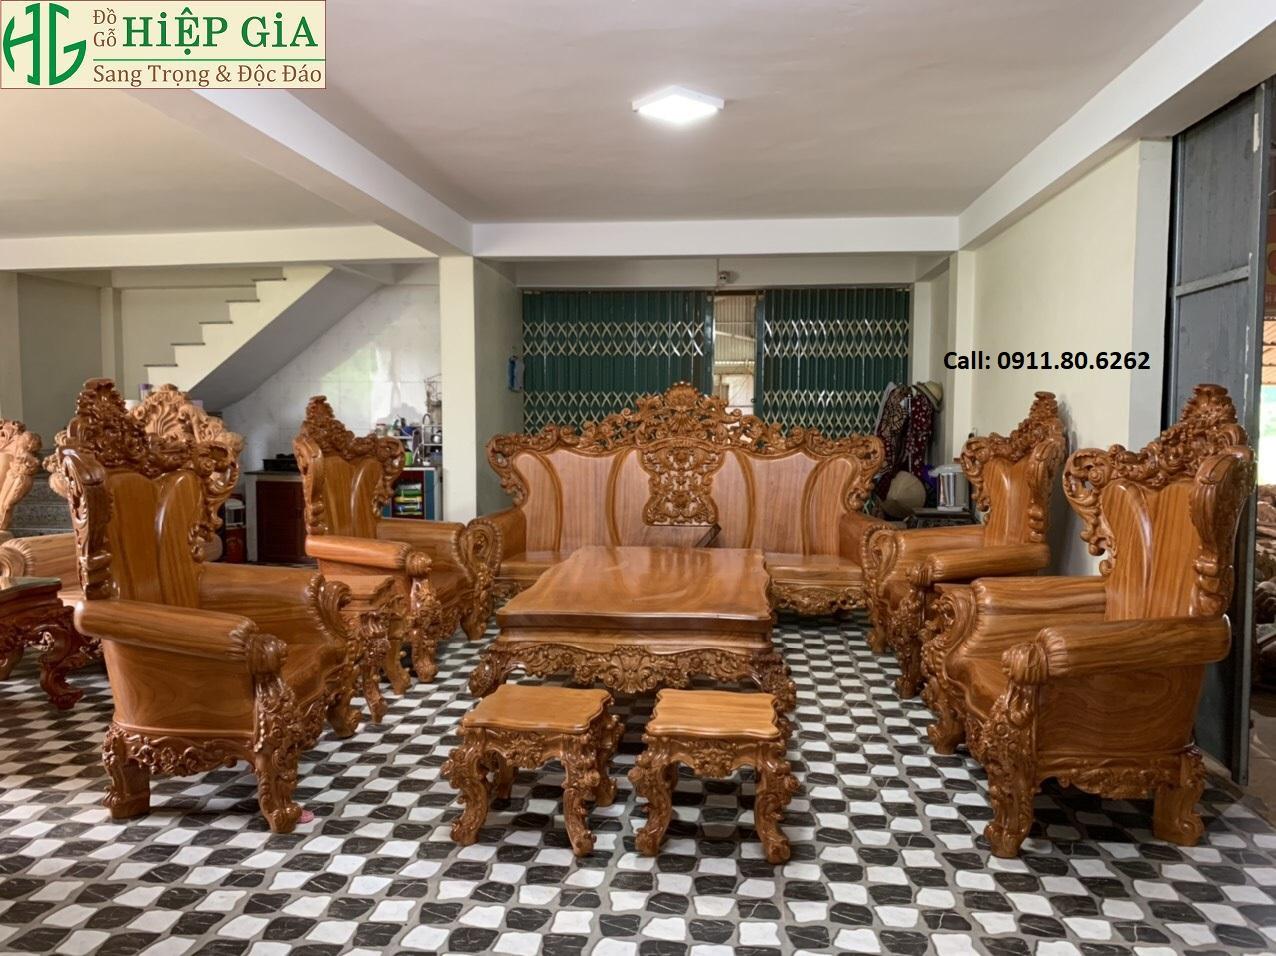 Sofa louis hoang gia 38 - Sofa Louis Hoàng Gia MS: 64